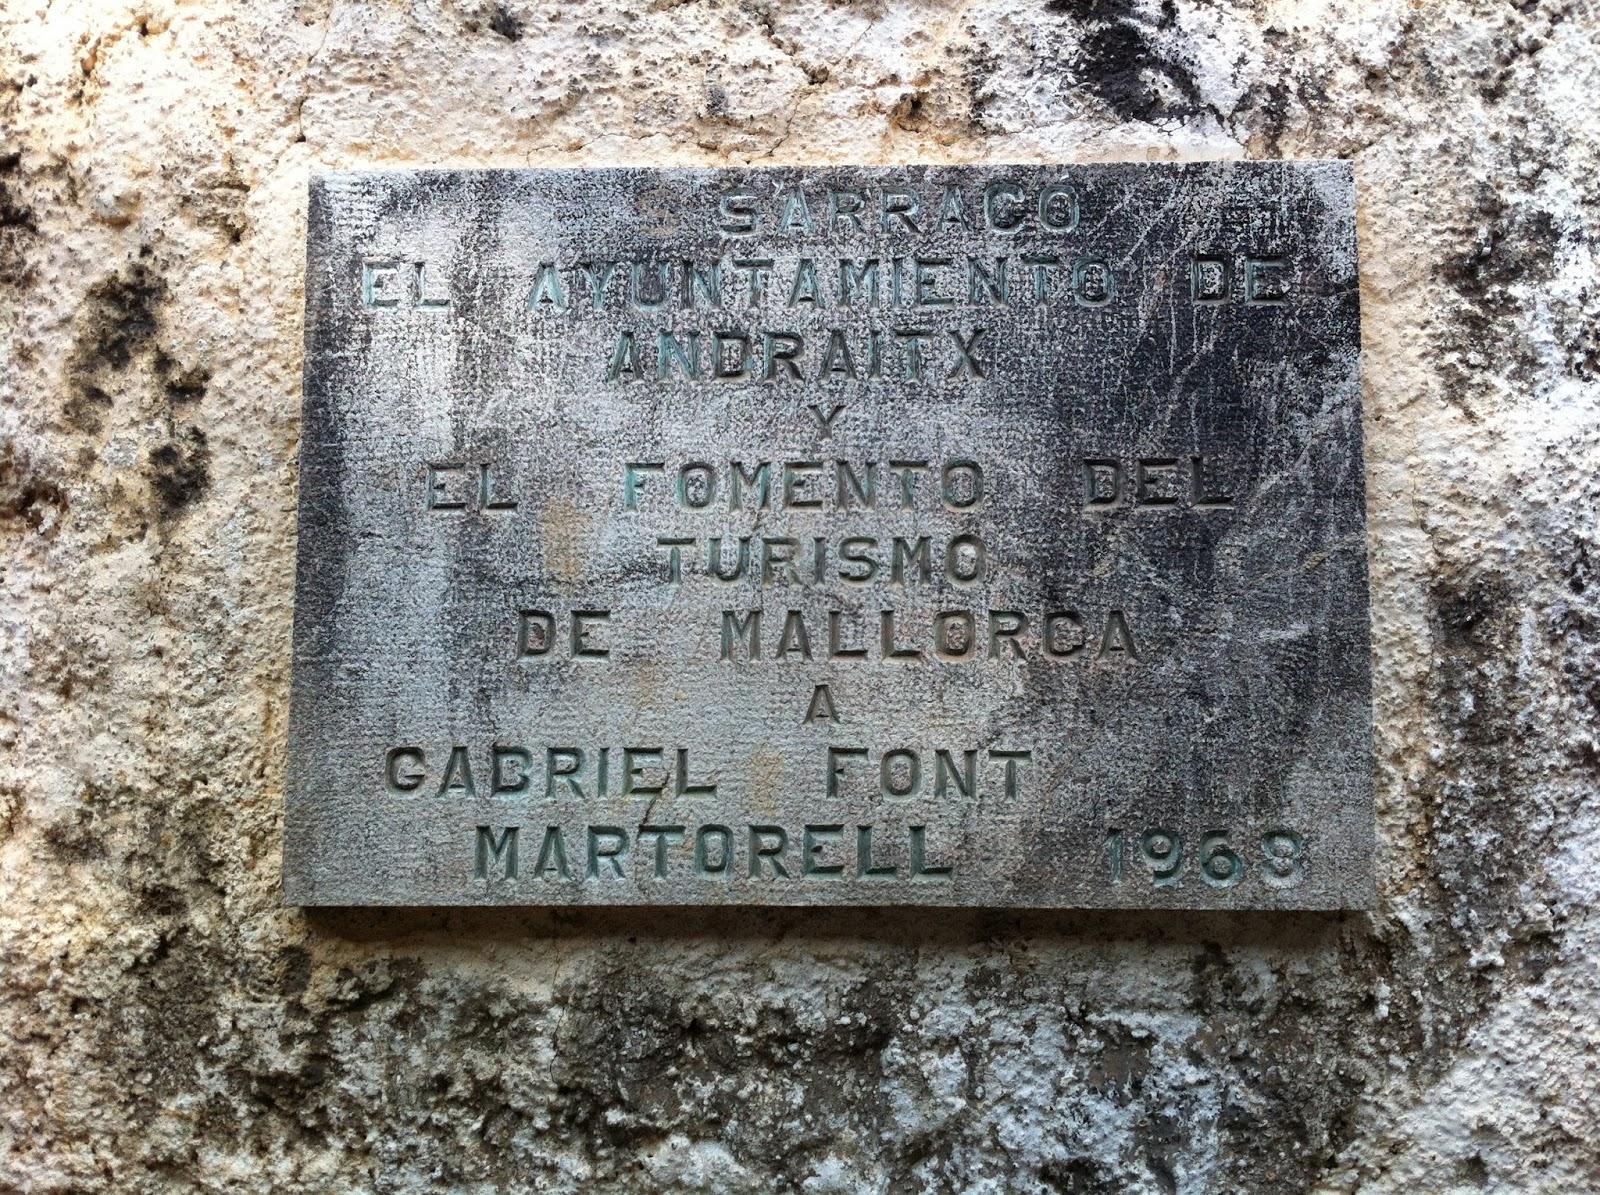 Placa d homenatge a gabriel font i martorell